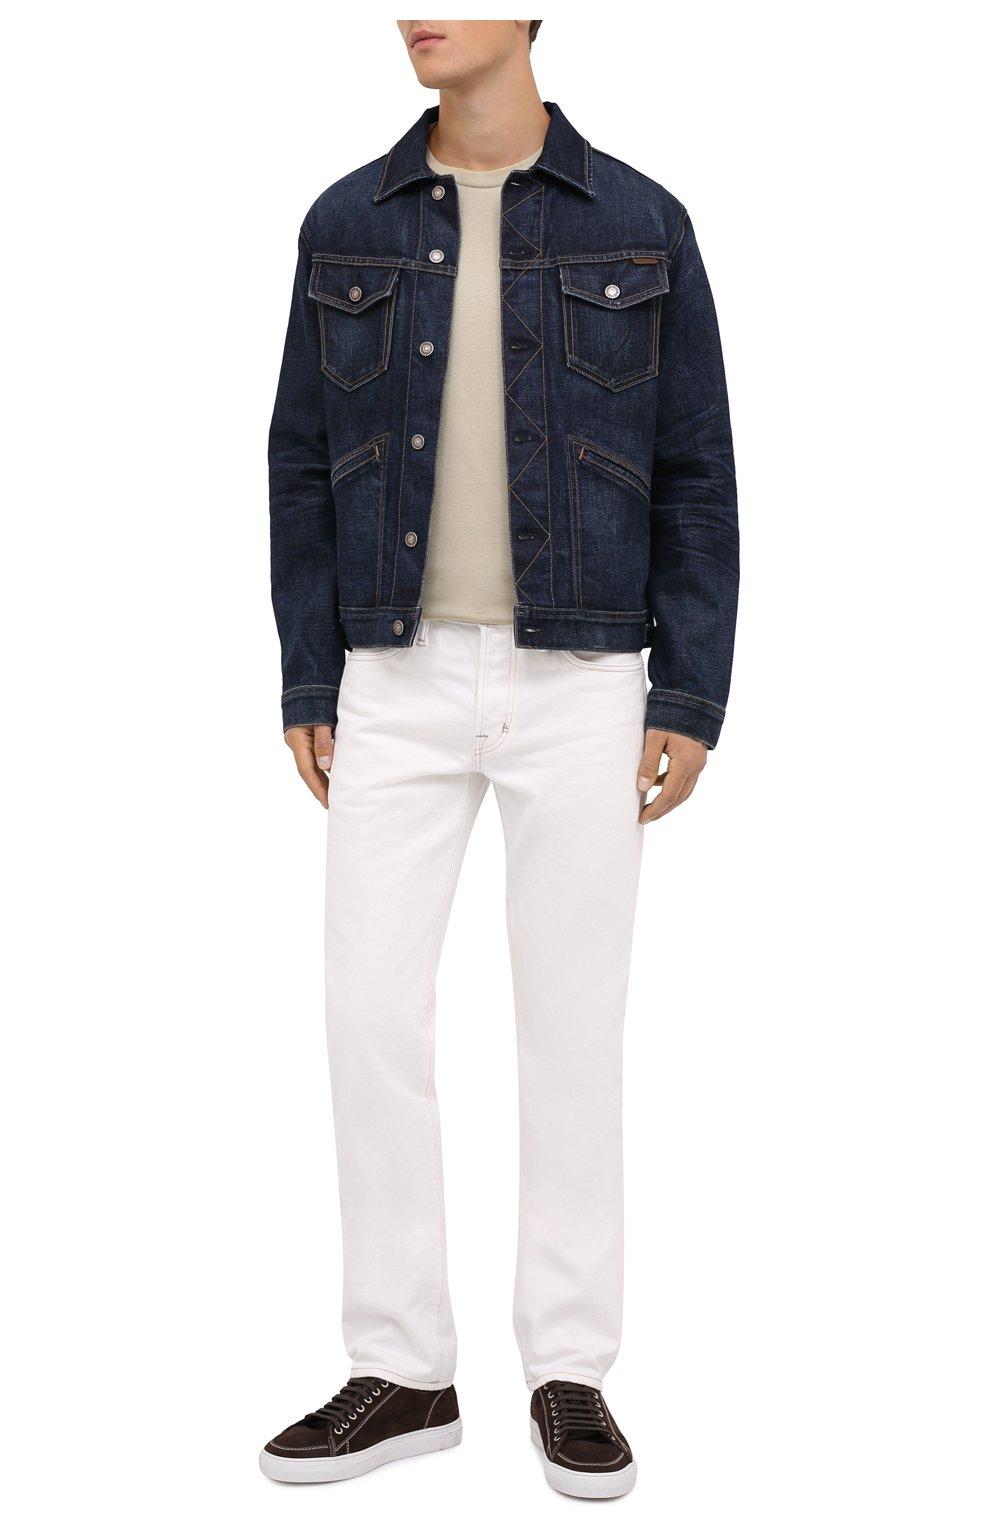 Мужская джинсовая куртка TOM FORD темно-синего цвета, арт. BVJ31/TFD111 | Фото 2 (Кросс-КТ: Куртка; Рукава: Длинные; Материал внешний: Хлопок; Мужское Кросс-КТ: Куртка-верхняя одежда, Верхняя одежда; Длина (верхняя одежда): Короткие; Стили: Кэжуэл)